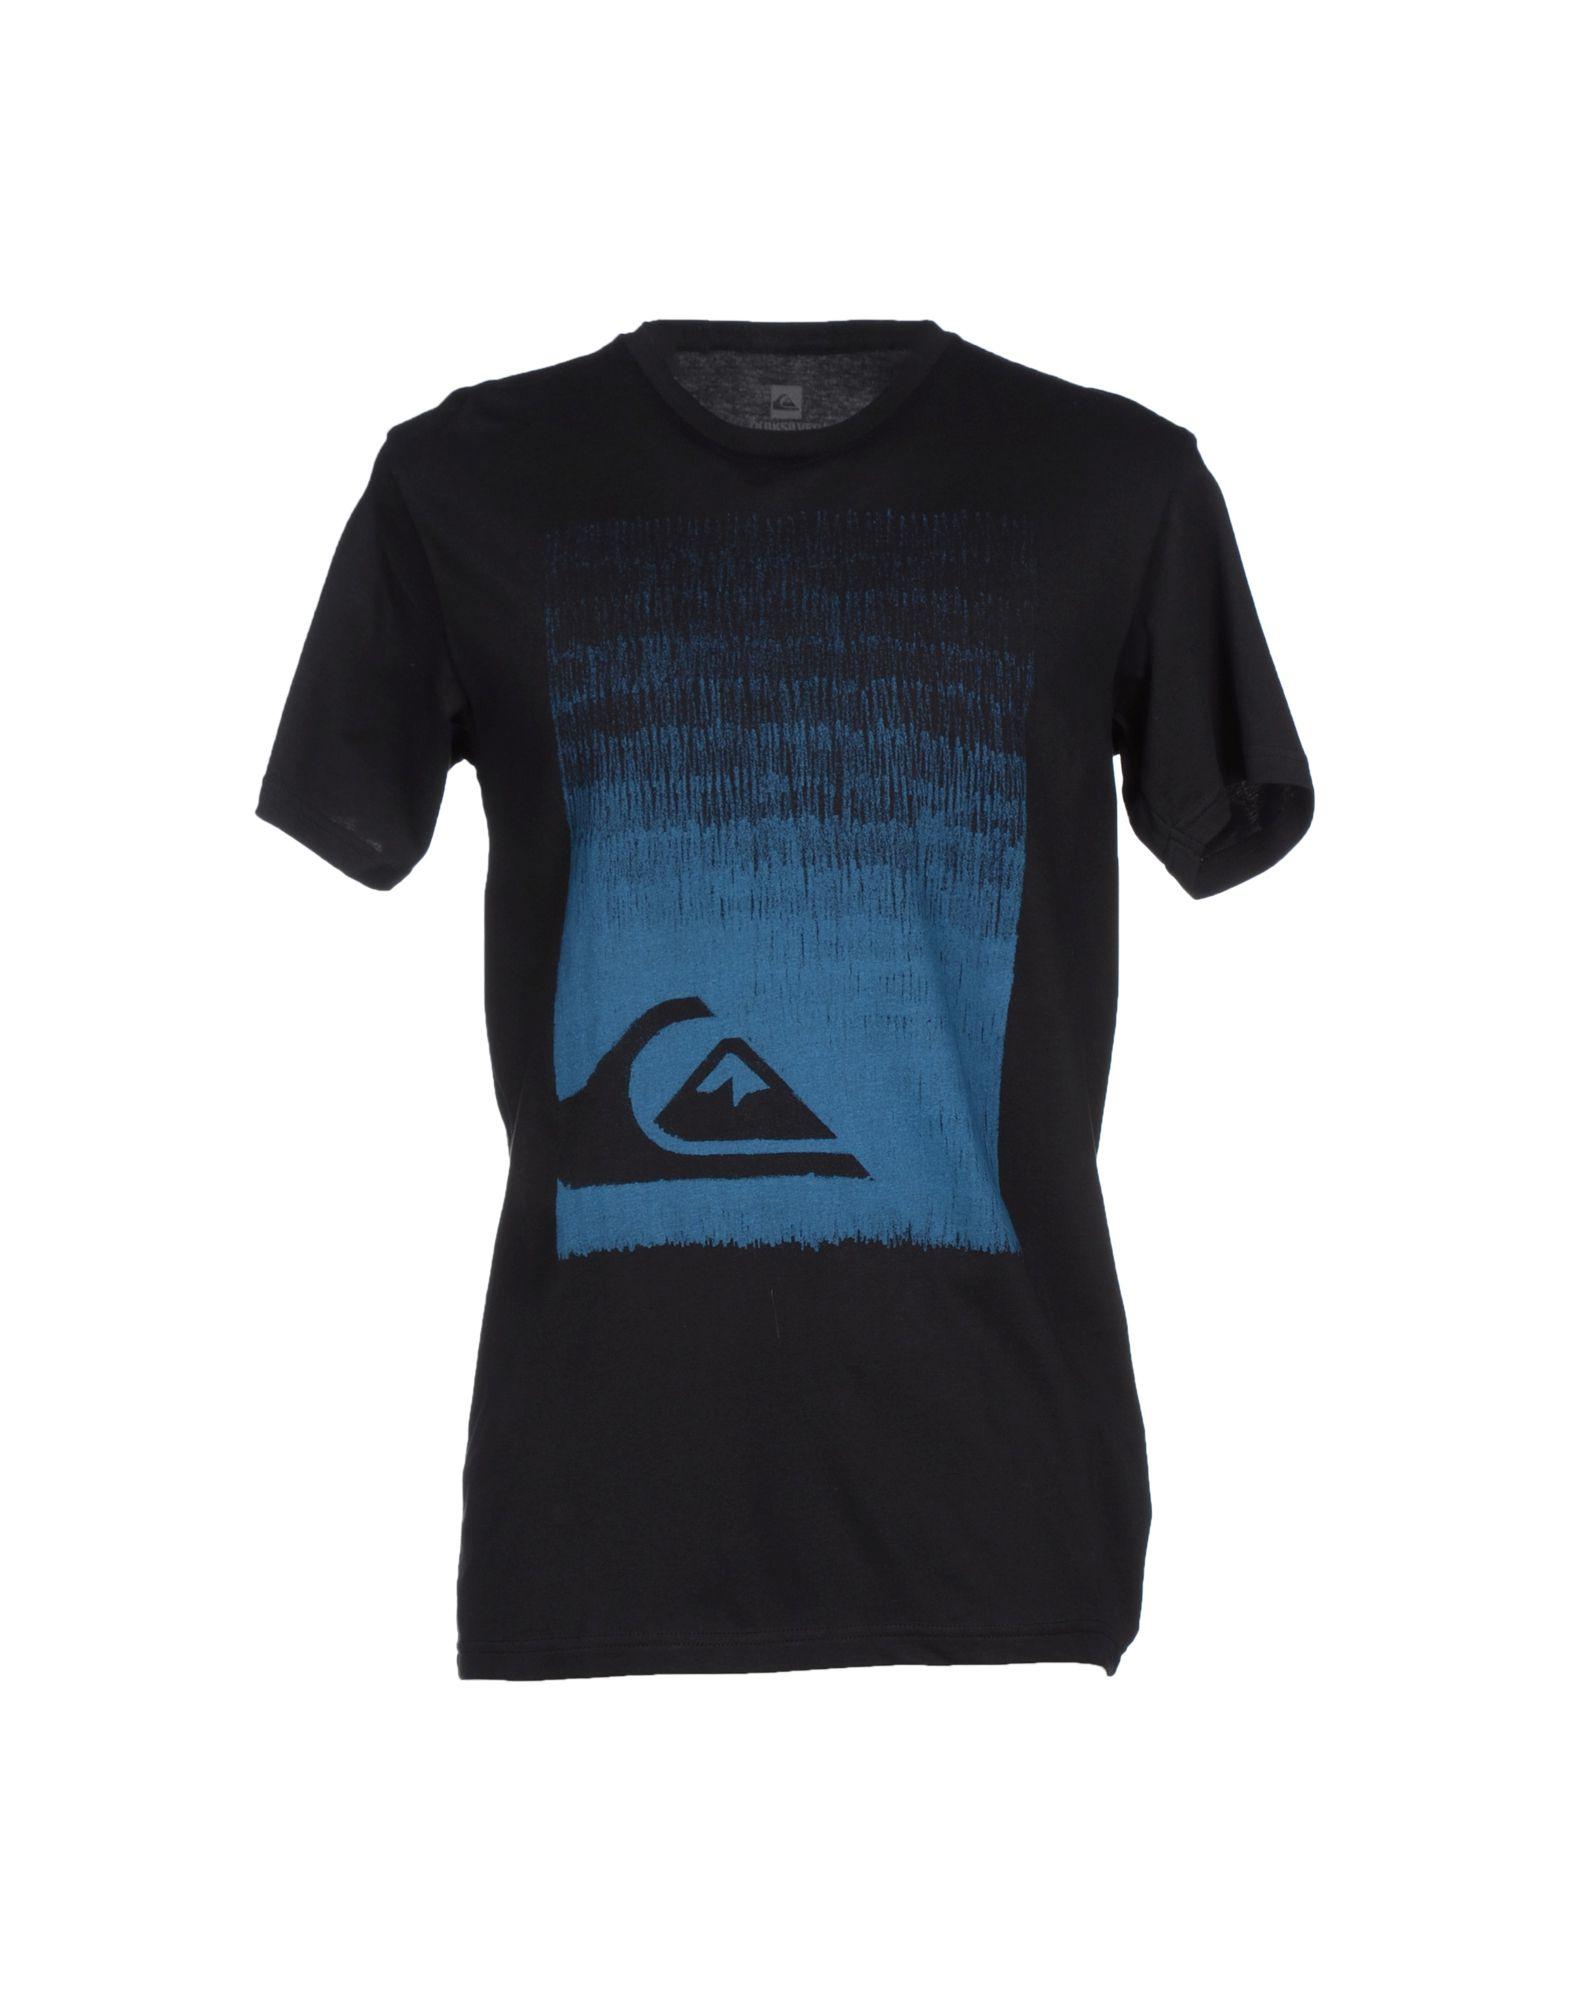 Quiksilver plain black t shirt - Quiksilver Plain Black T Shirt Black Mens Quiksilver T Shirt Gallery